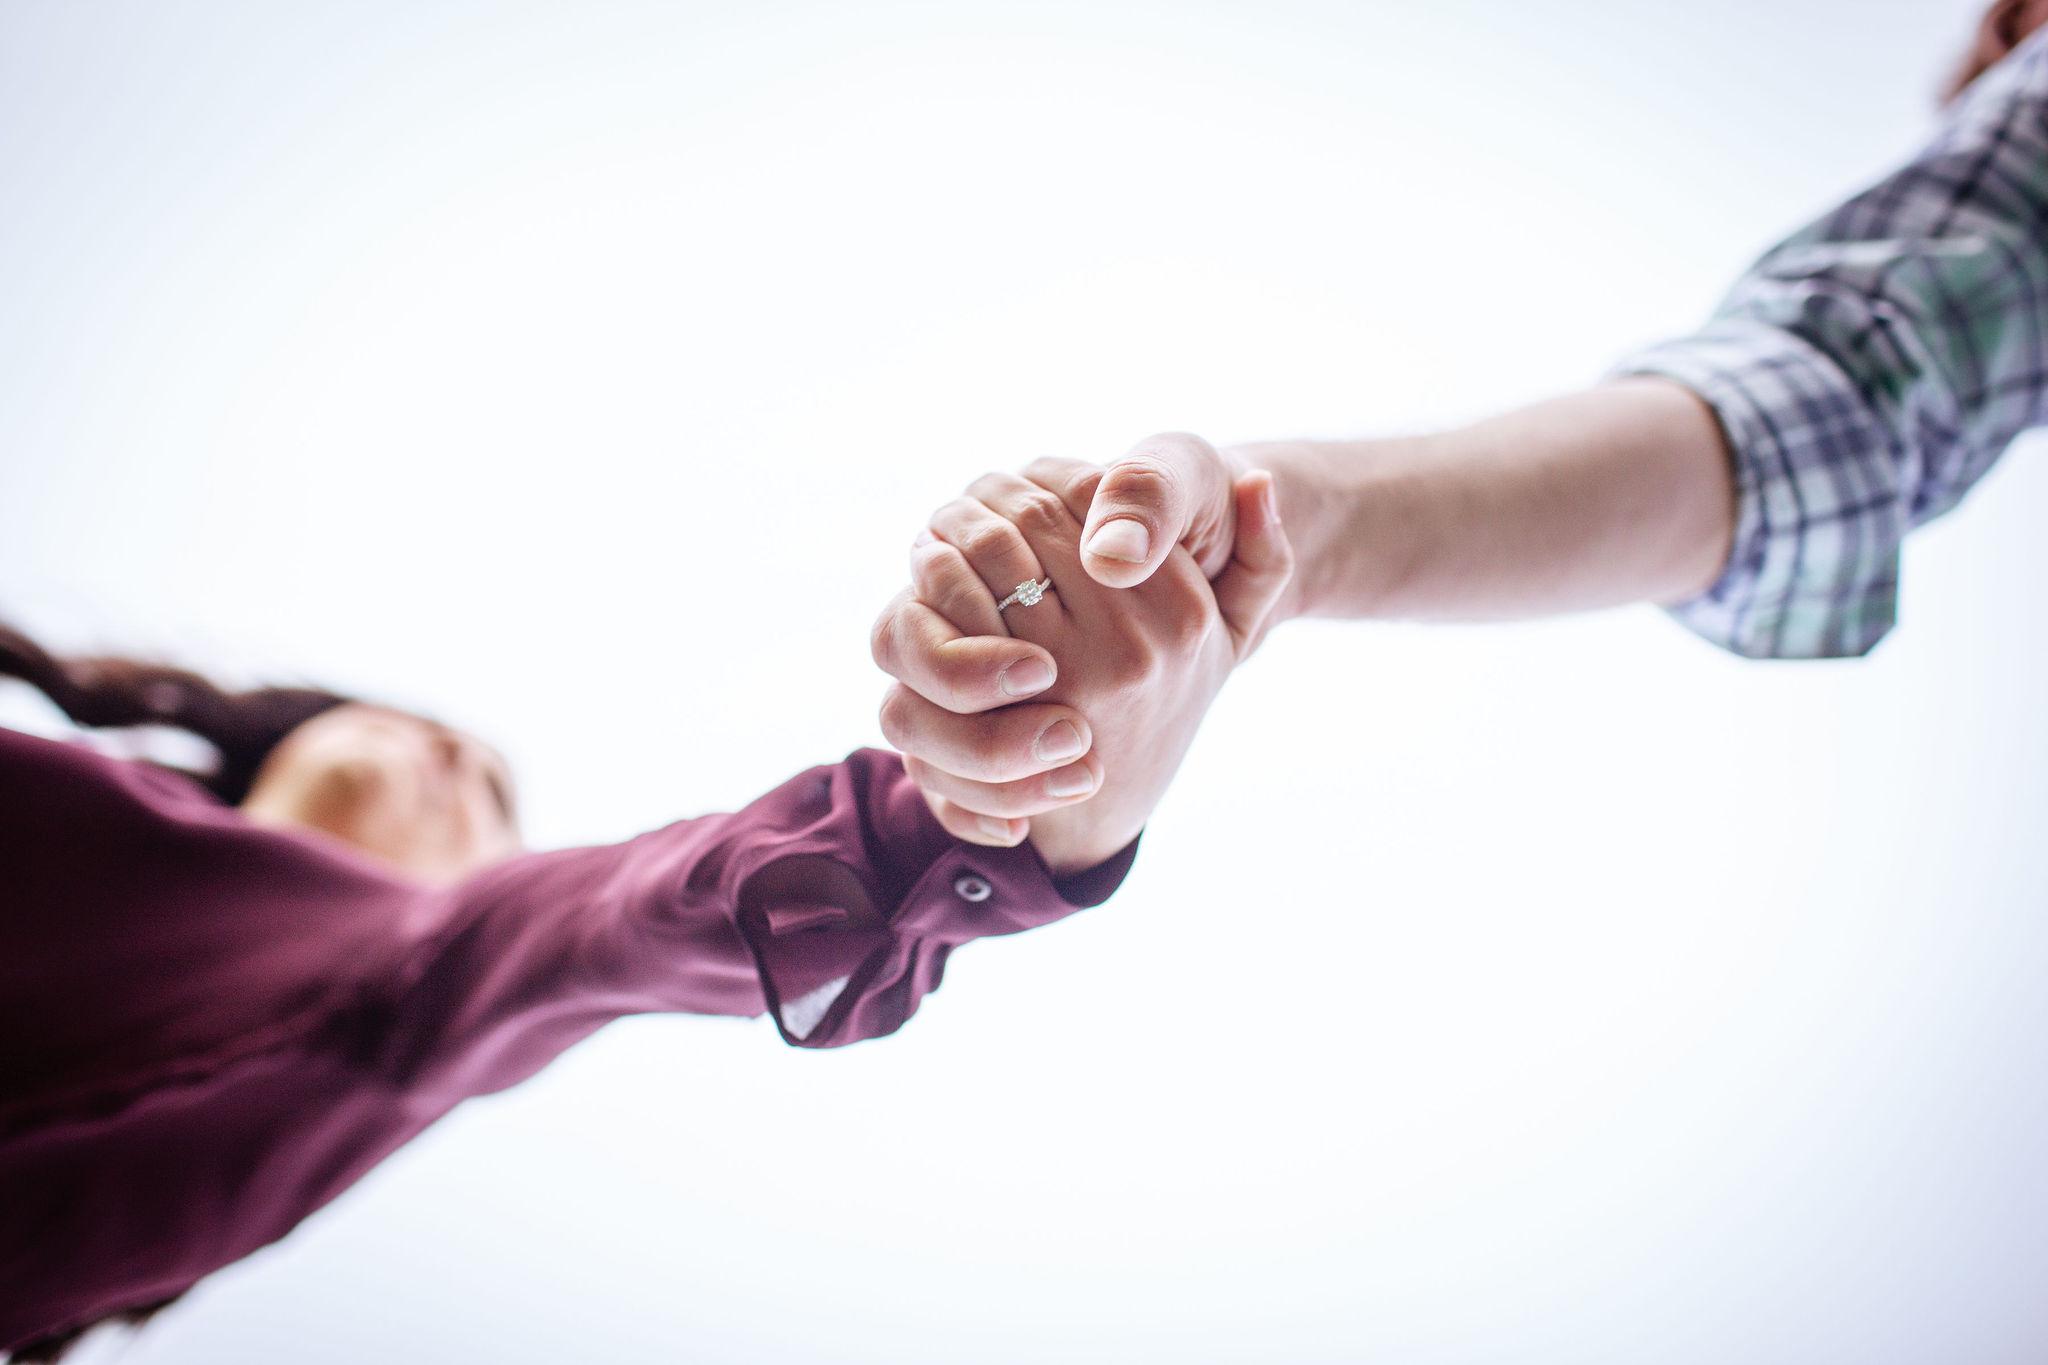 hoboken engagement hand holding